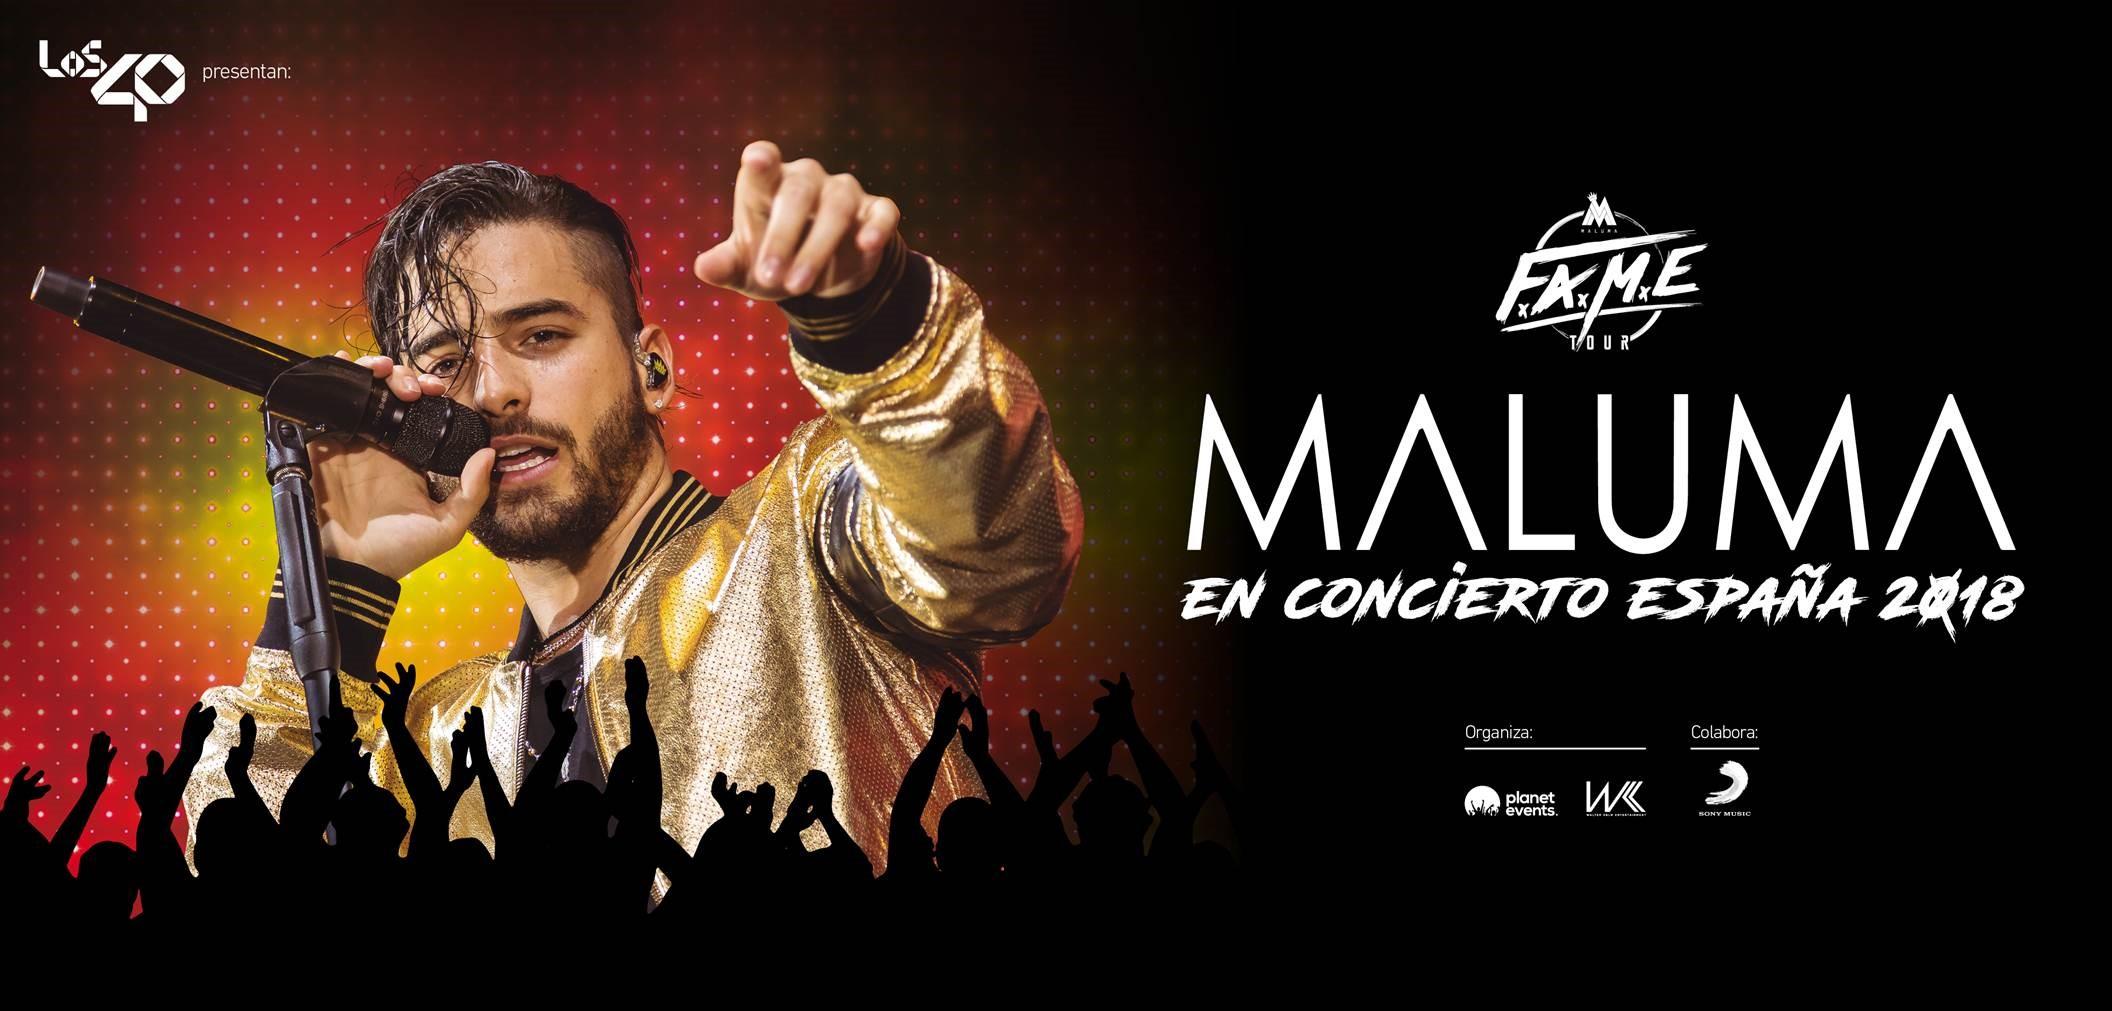 Concierto Maluma Wizink Center 06/09/18 ( FOTOS )